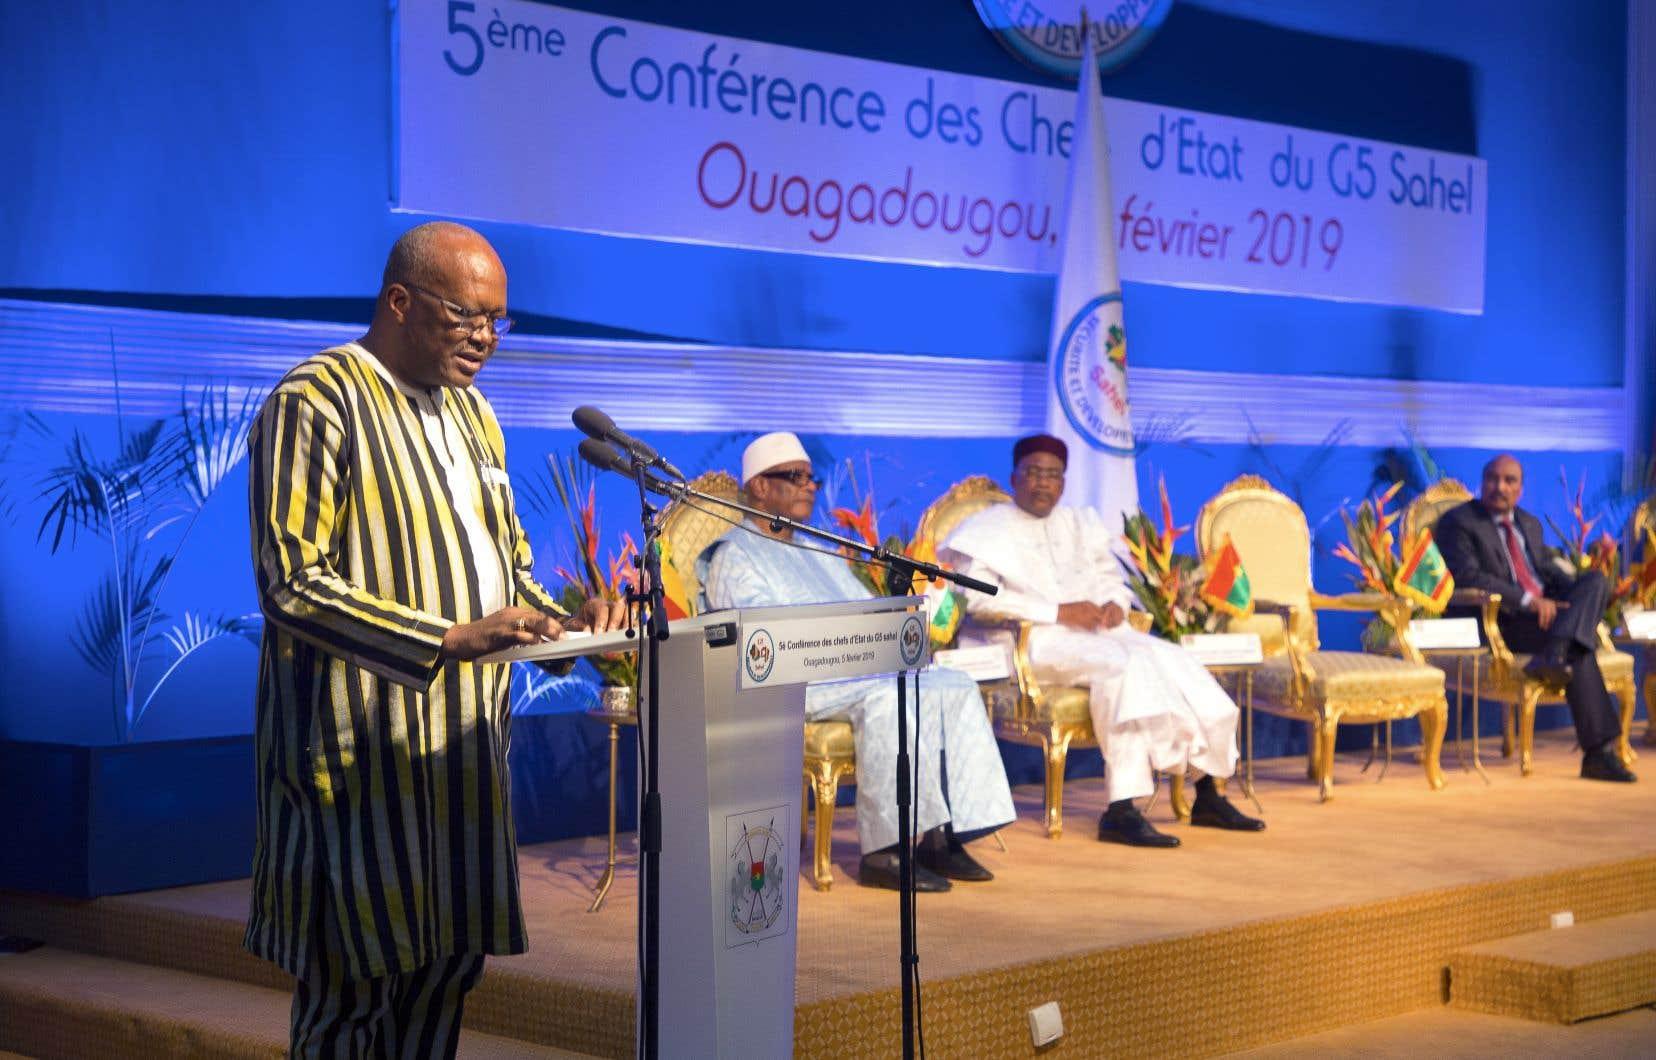 Le président burkinabé Roch Marc Christian Kaboré a souligné que «les menaces transcendent les frontières». «Aucun pays n'est à l'abri», a-t-il rappelé.